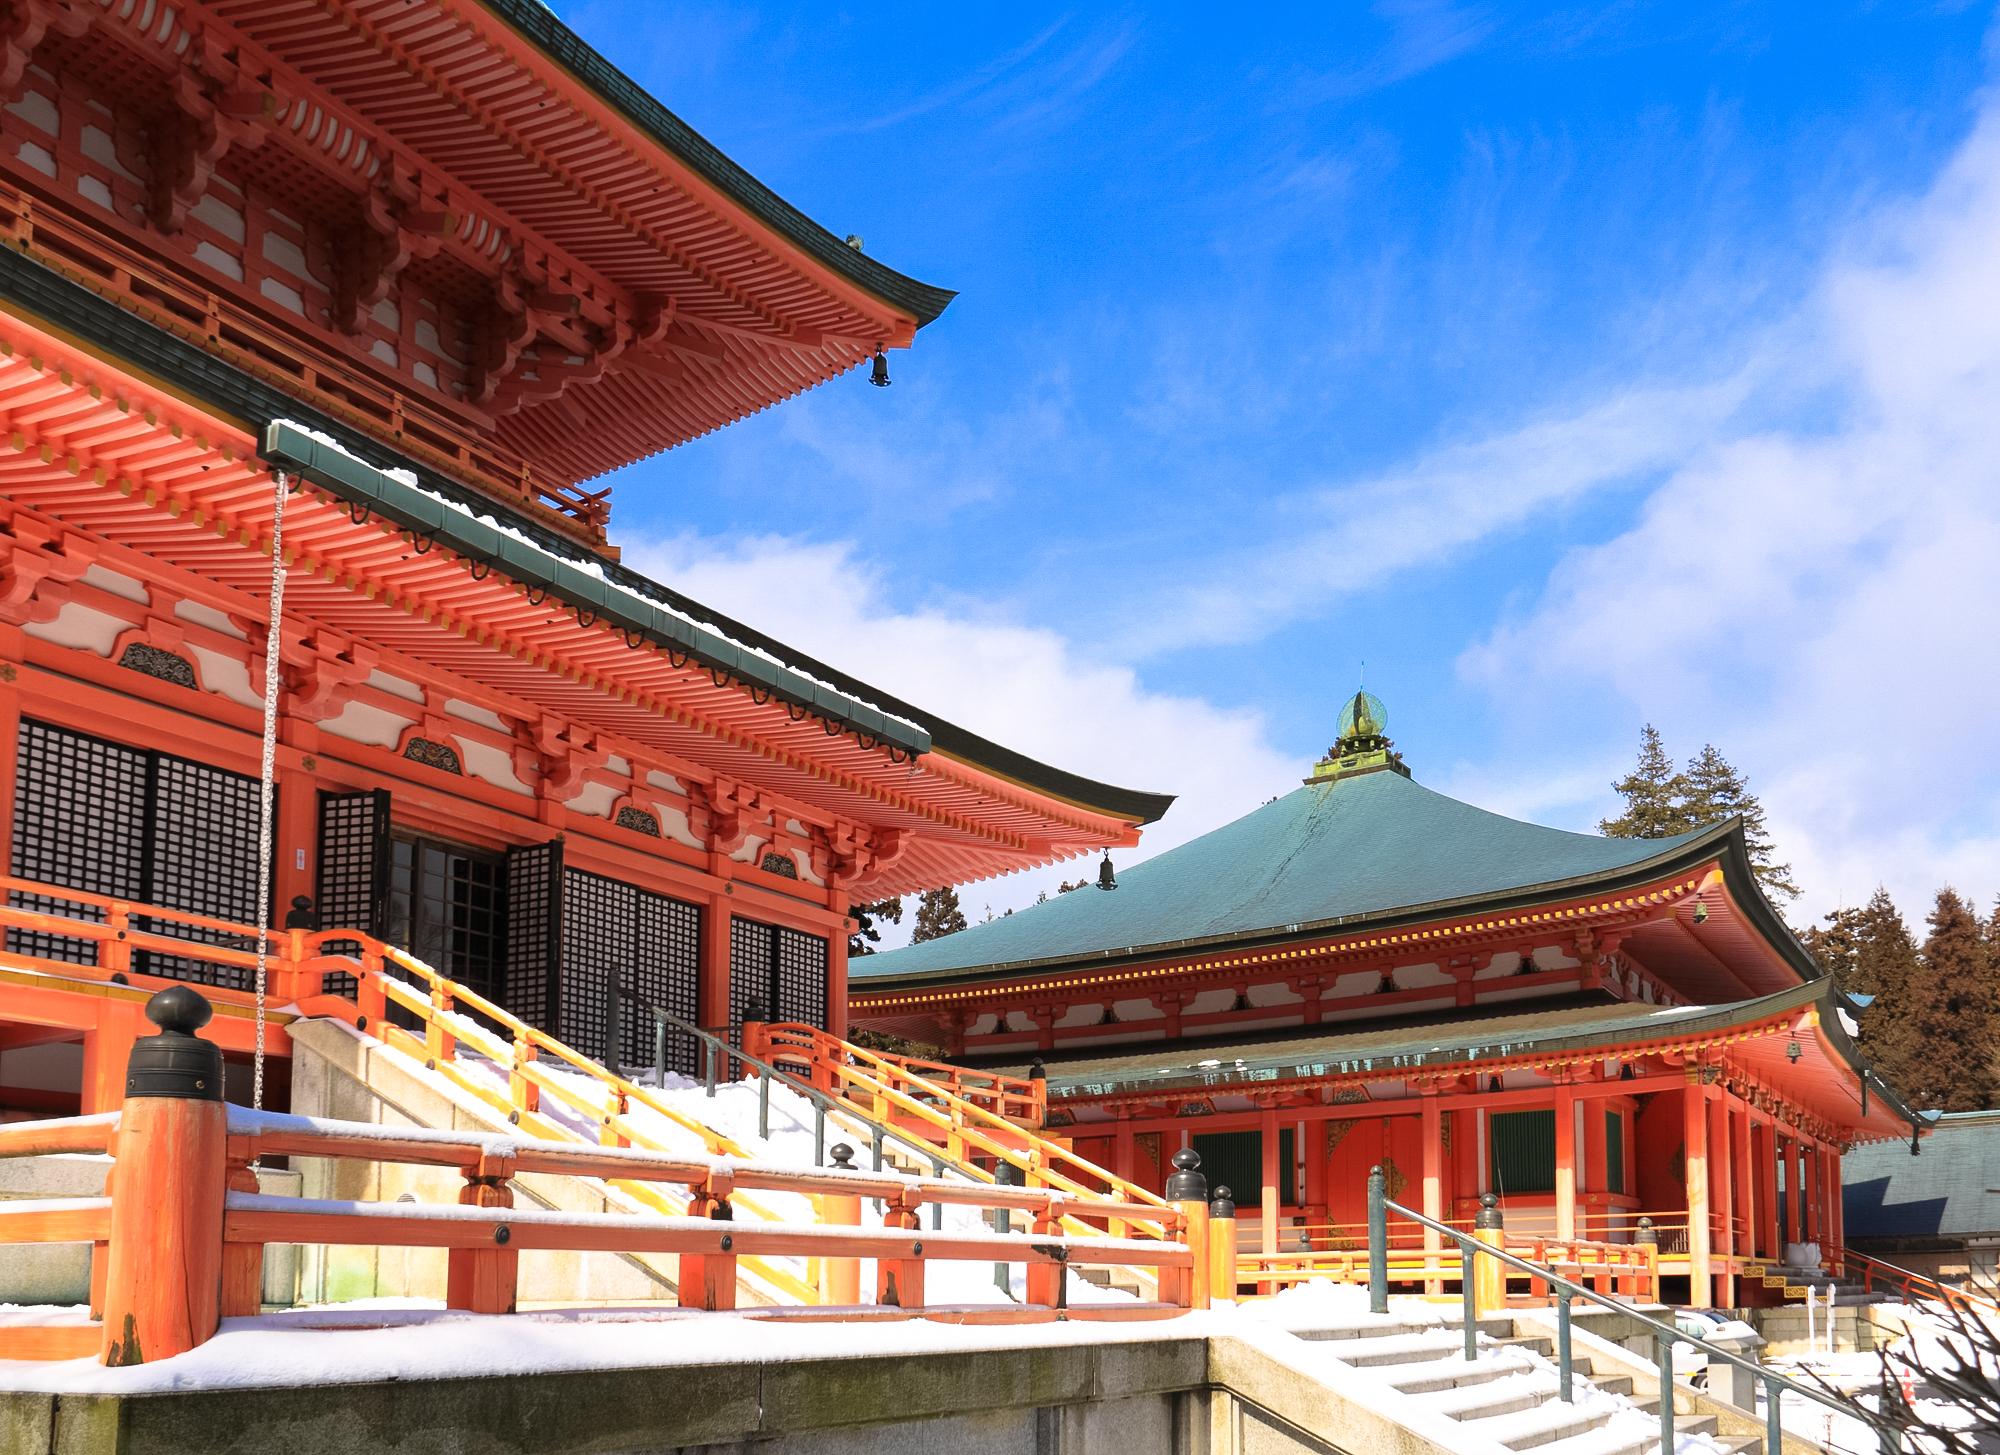 「比叡山延曆寺」的圖片搜尋結果